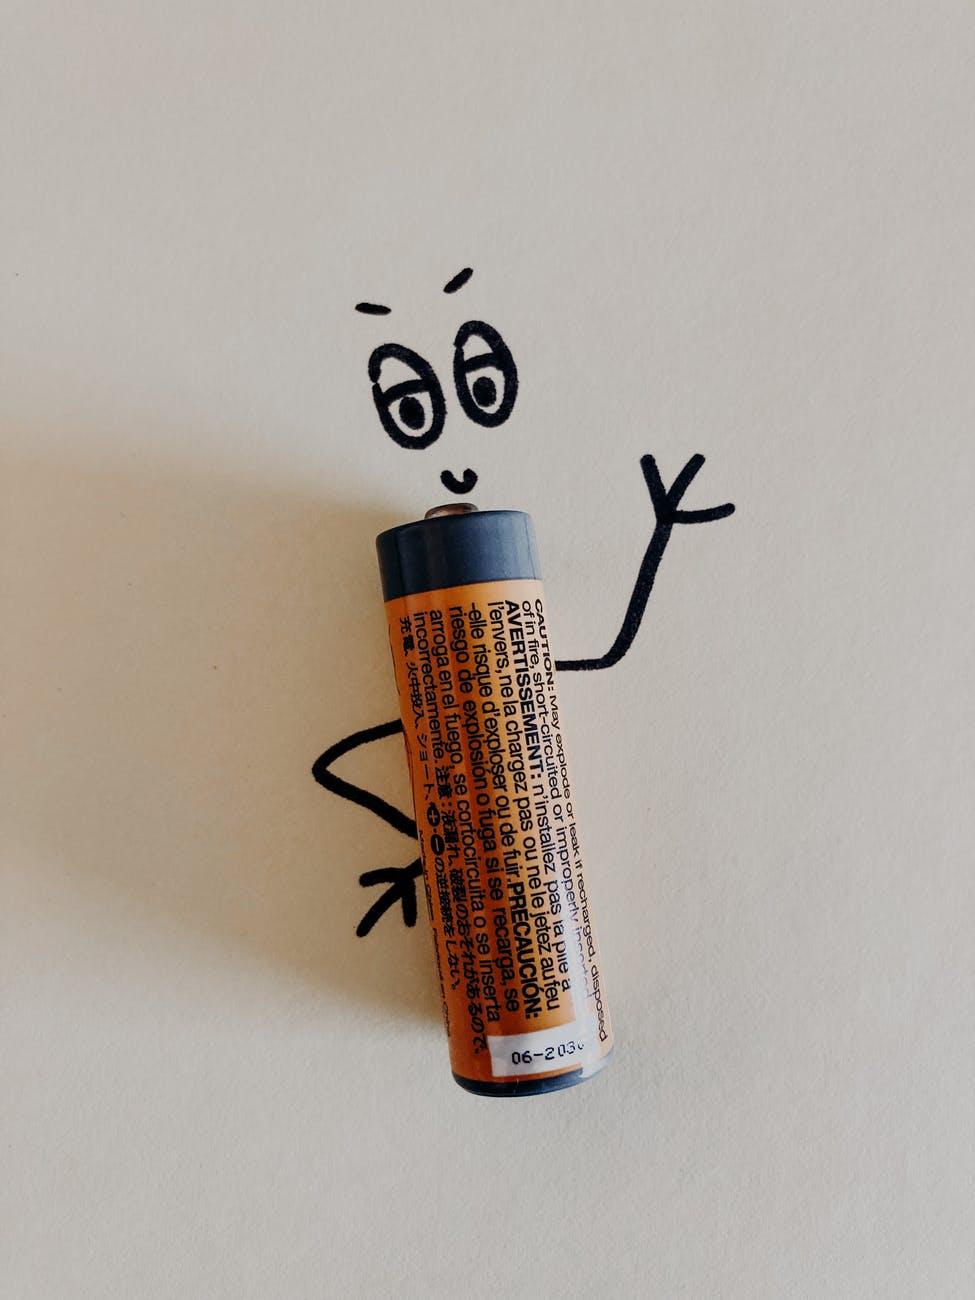 people graffiti industry technology